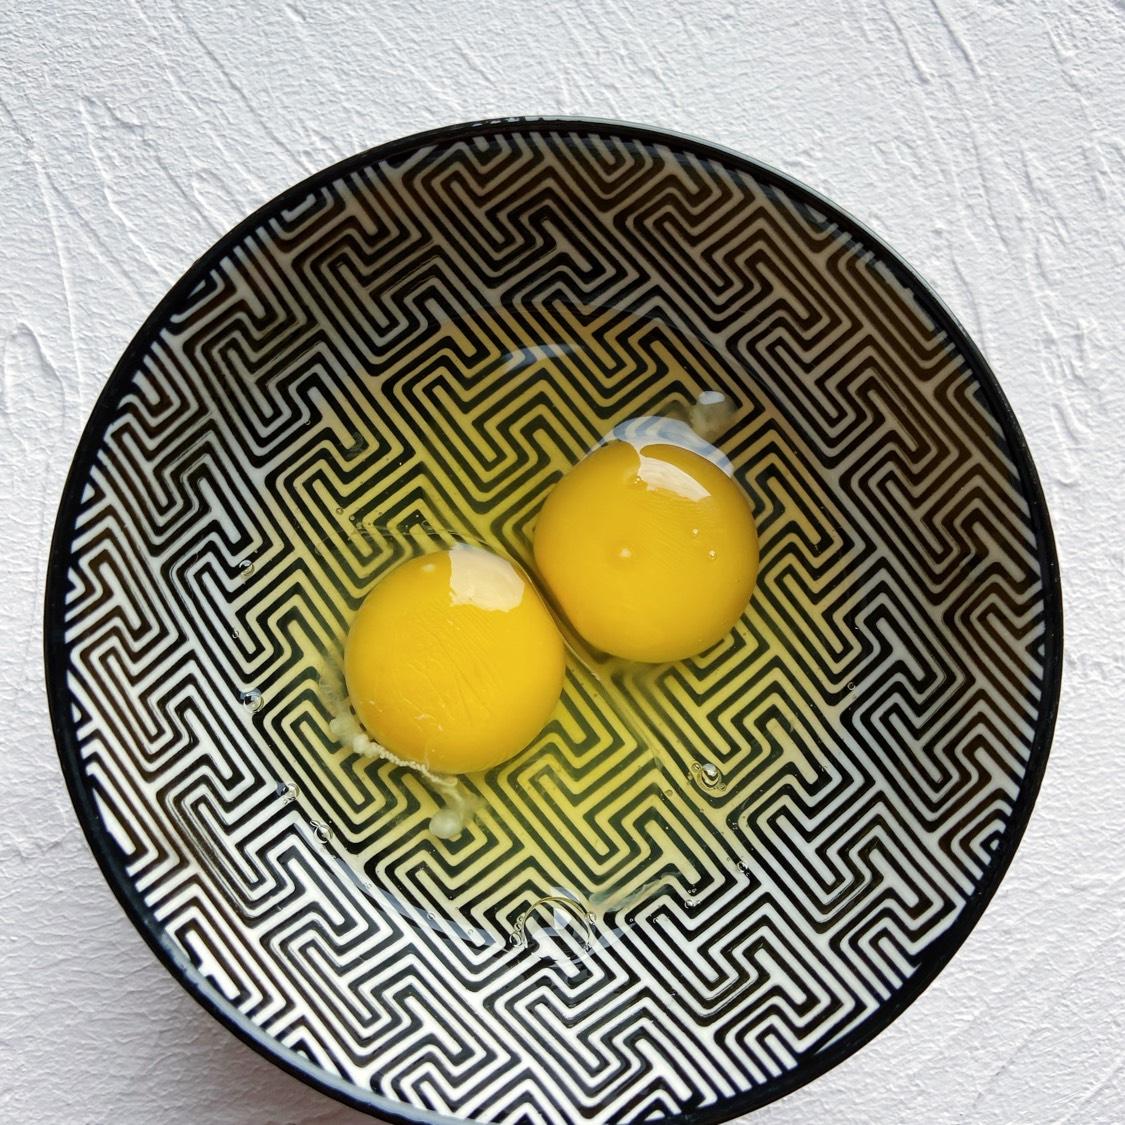 打入两颗鸡蛋搅拌均匀